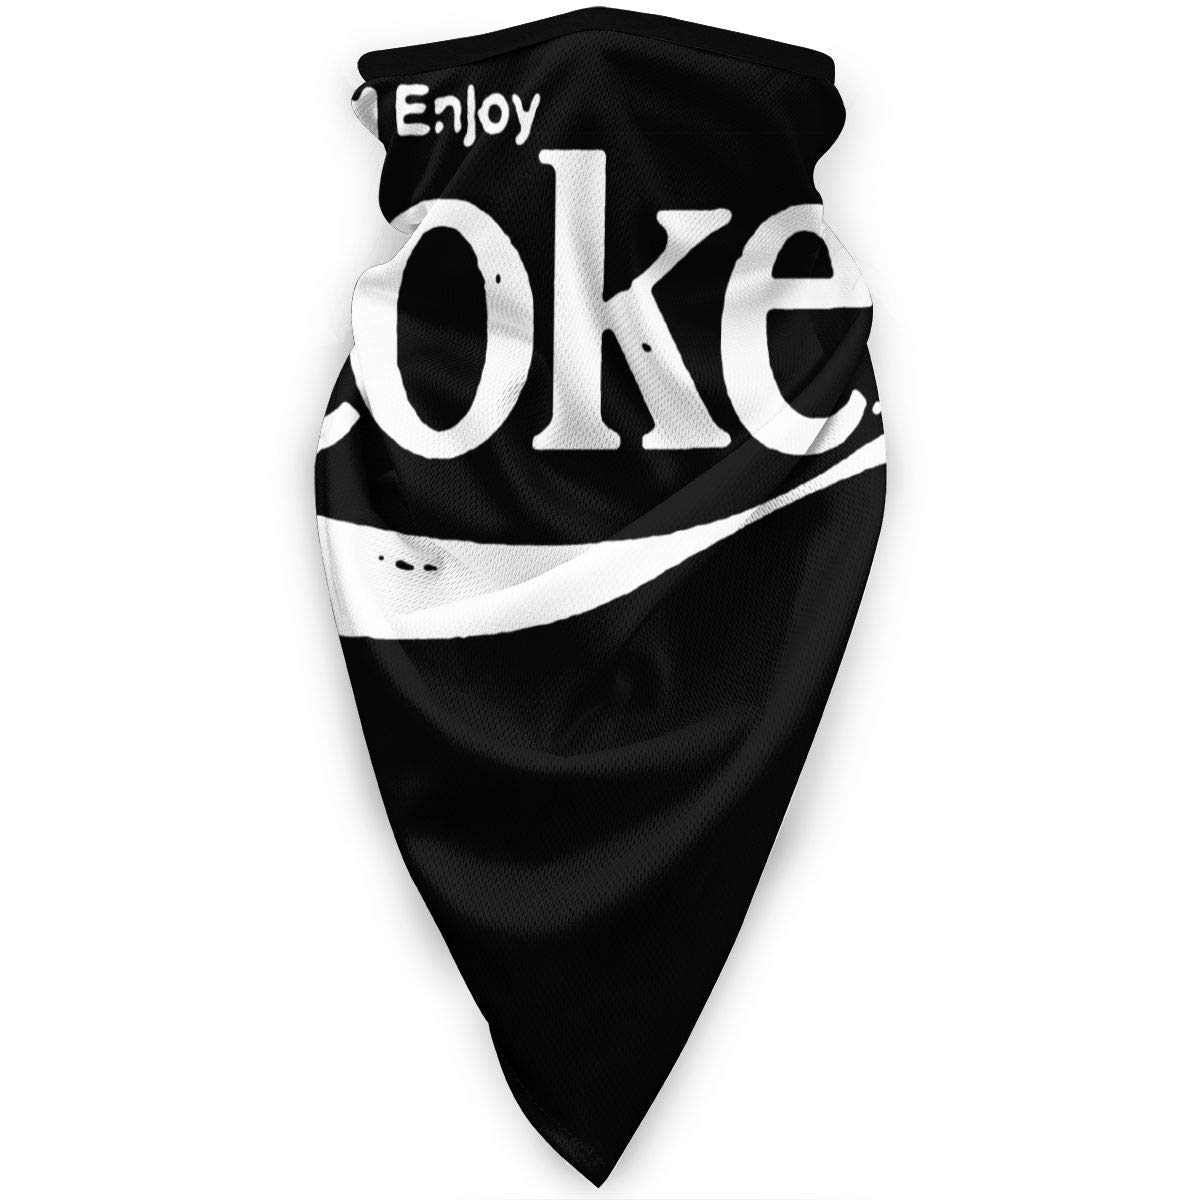 Enjoy Coke Windproof Sports Mask Balaclava Mask Ski Mask